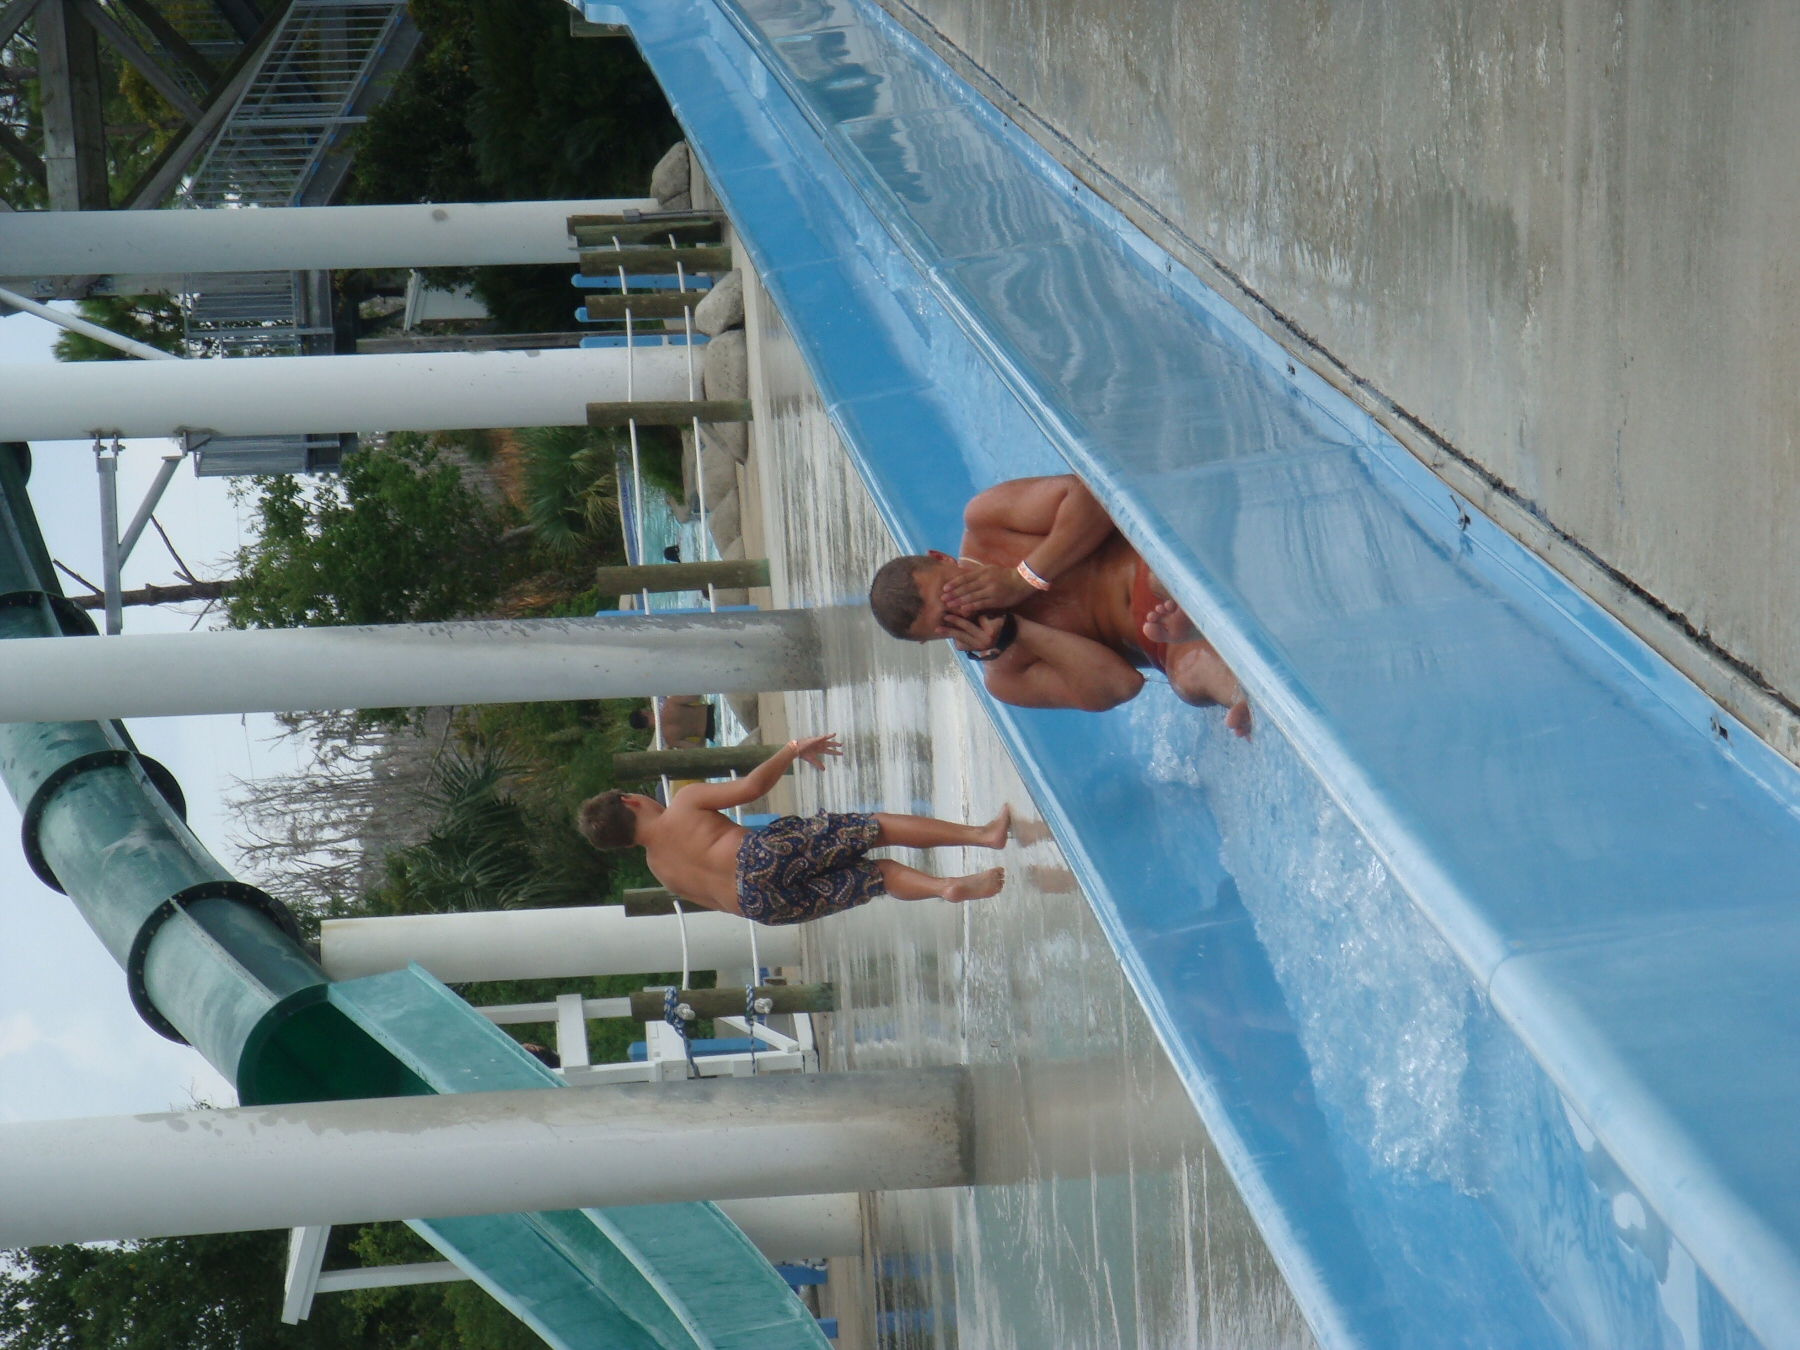 man sliding down water slide